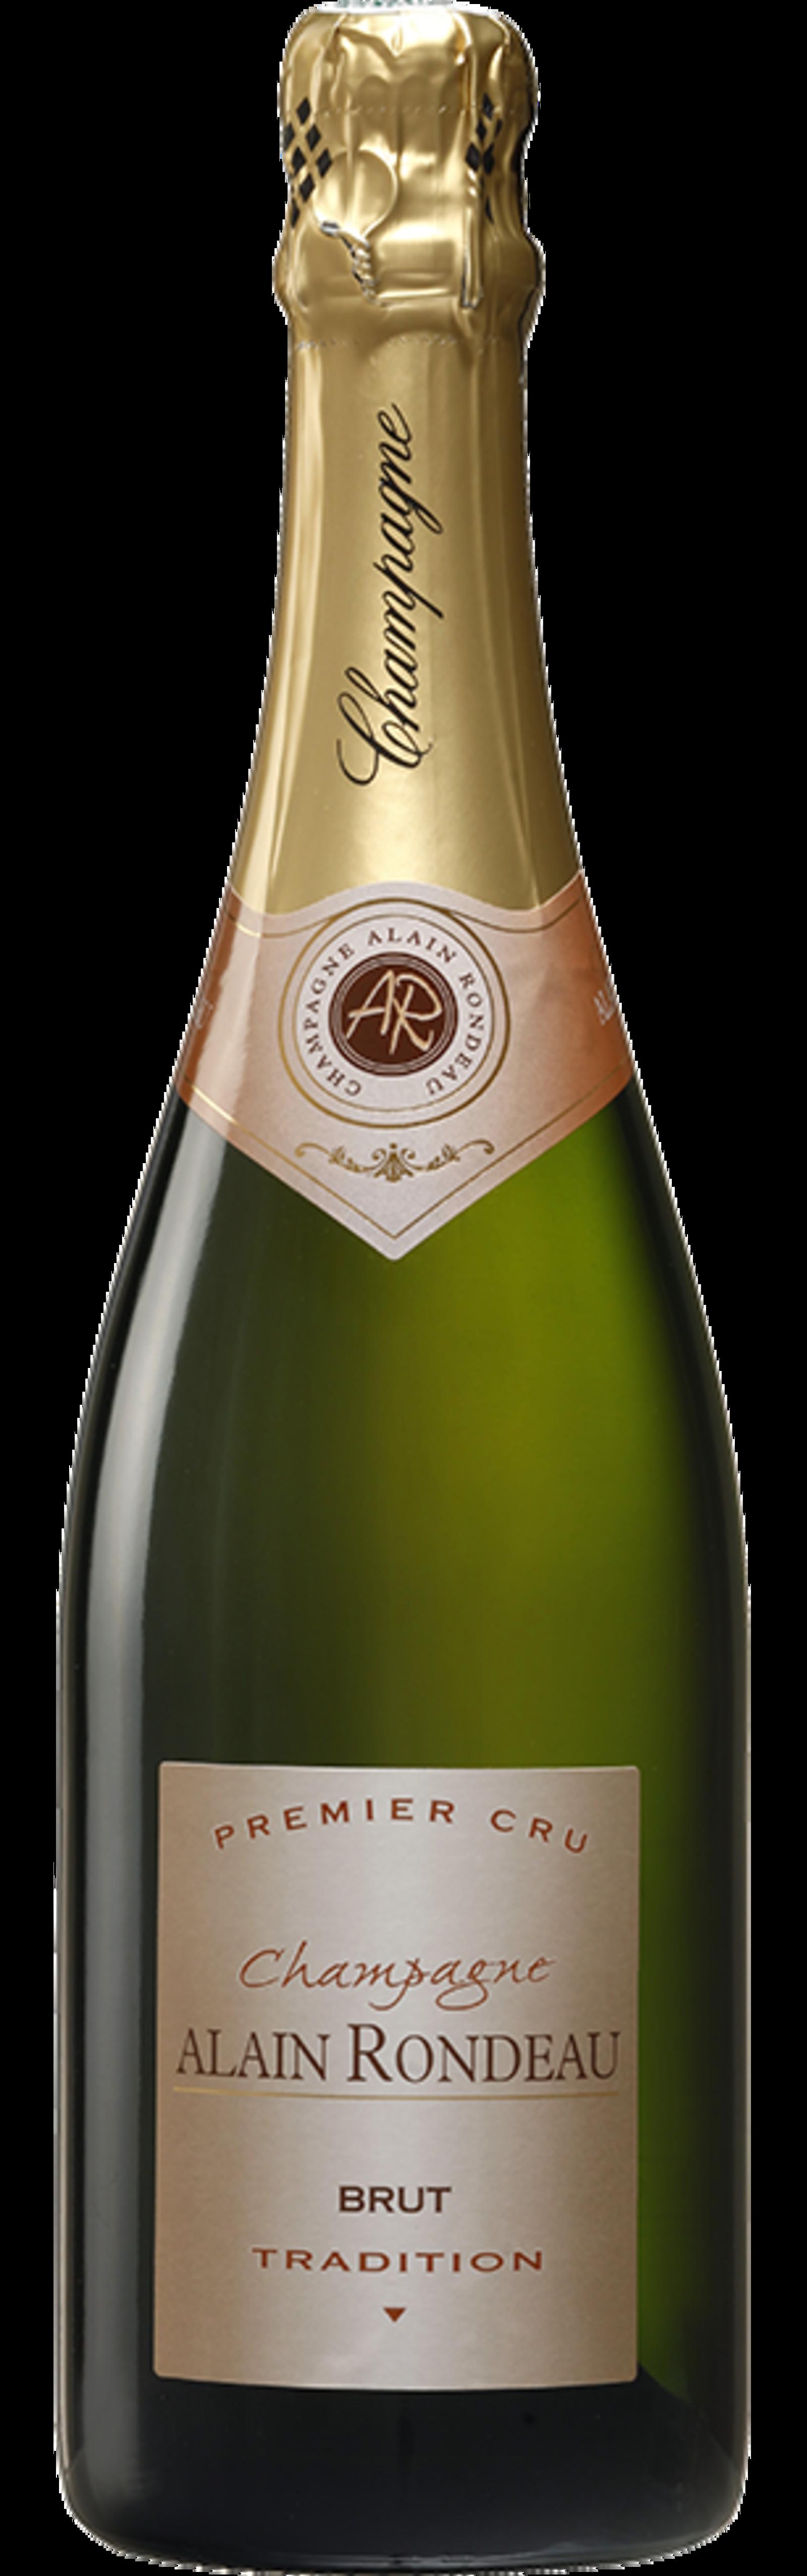 Bouteille de Champagne Cuvée Tradition Brut